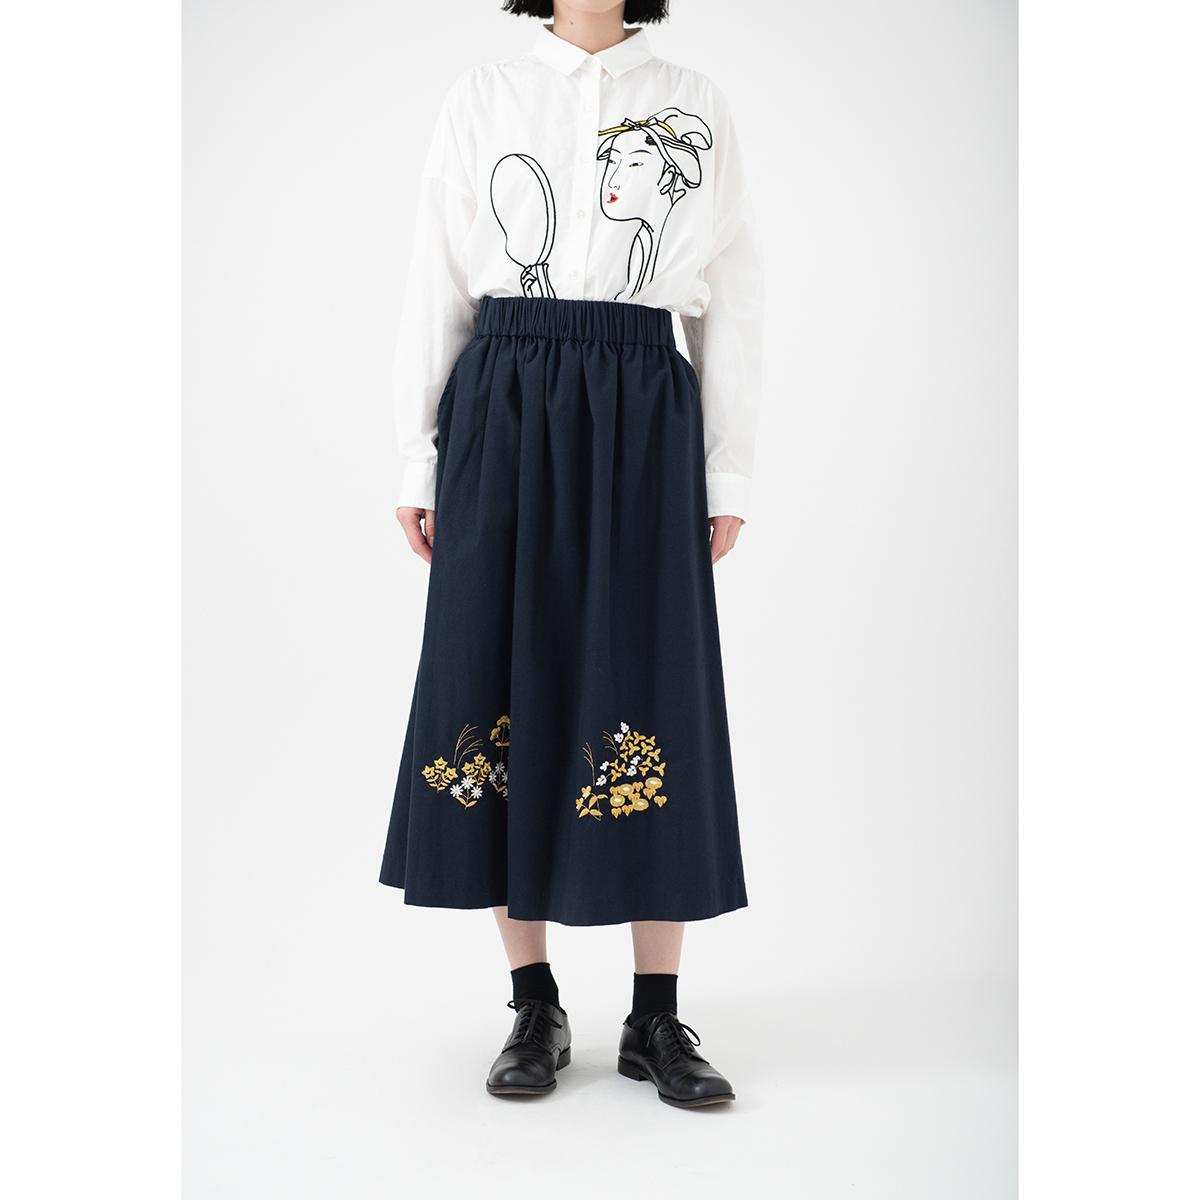 KY63-953G/スカート(紺)/琳派秋草(金)